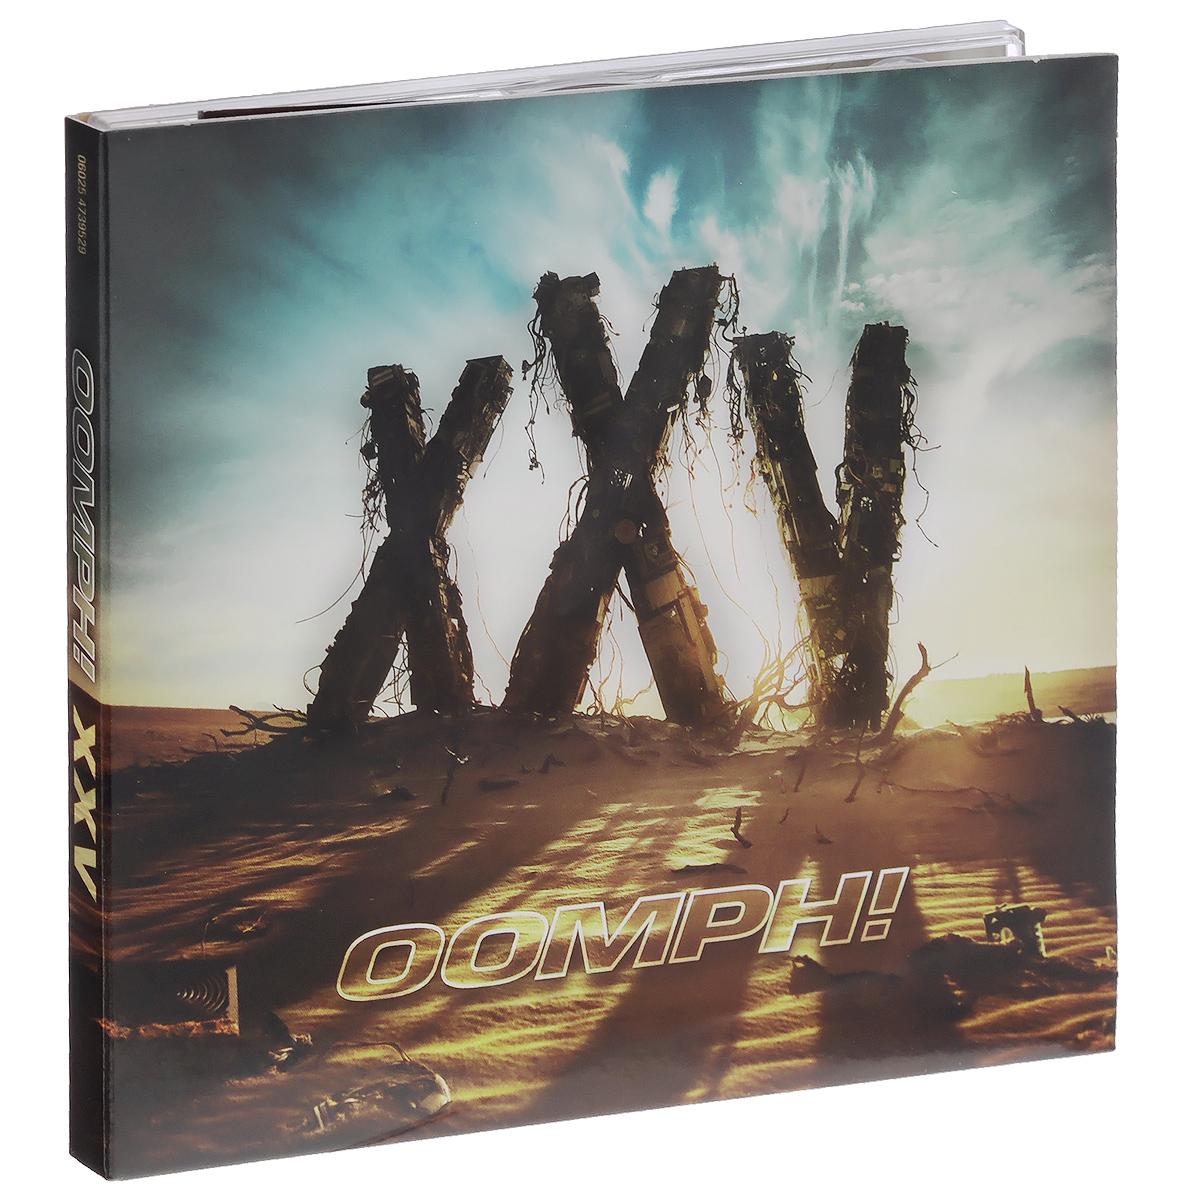 Издание содержит 16-страничный буклет с фотографиями и текстами песен на английском и немецком языках.